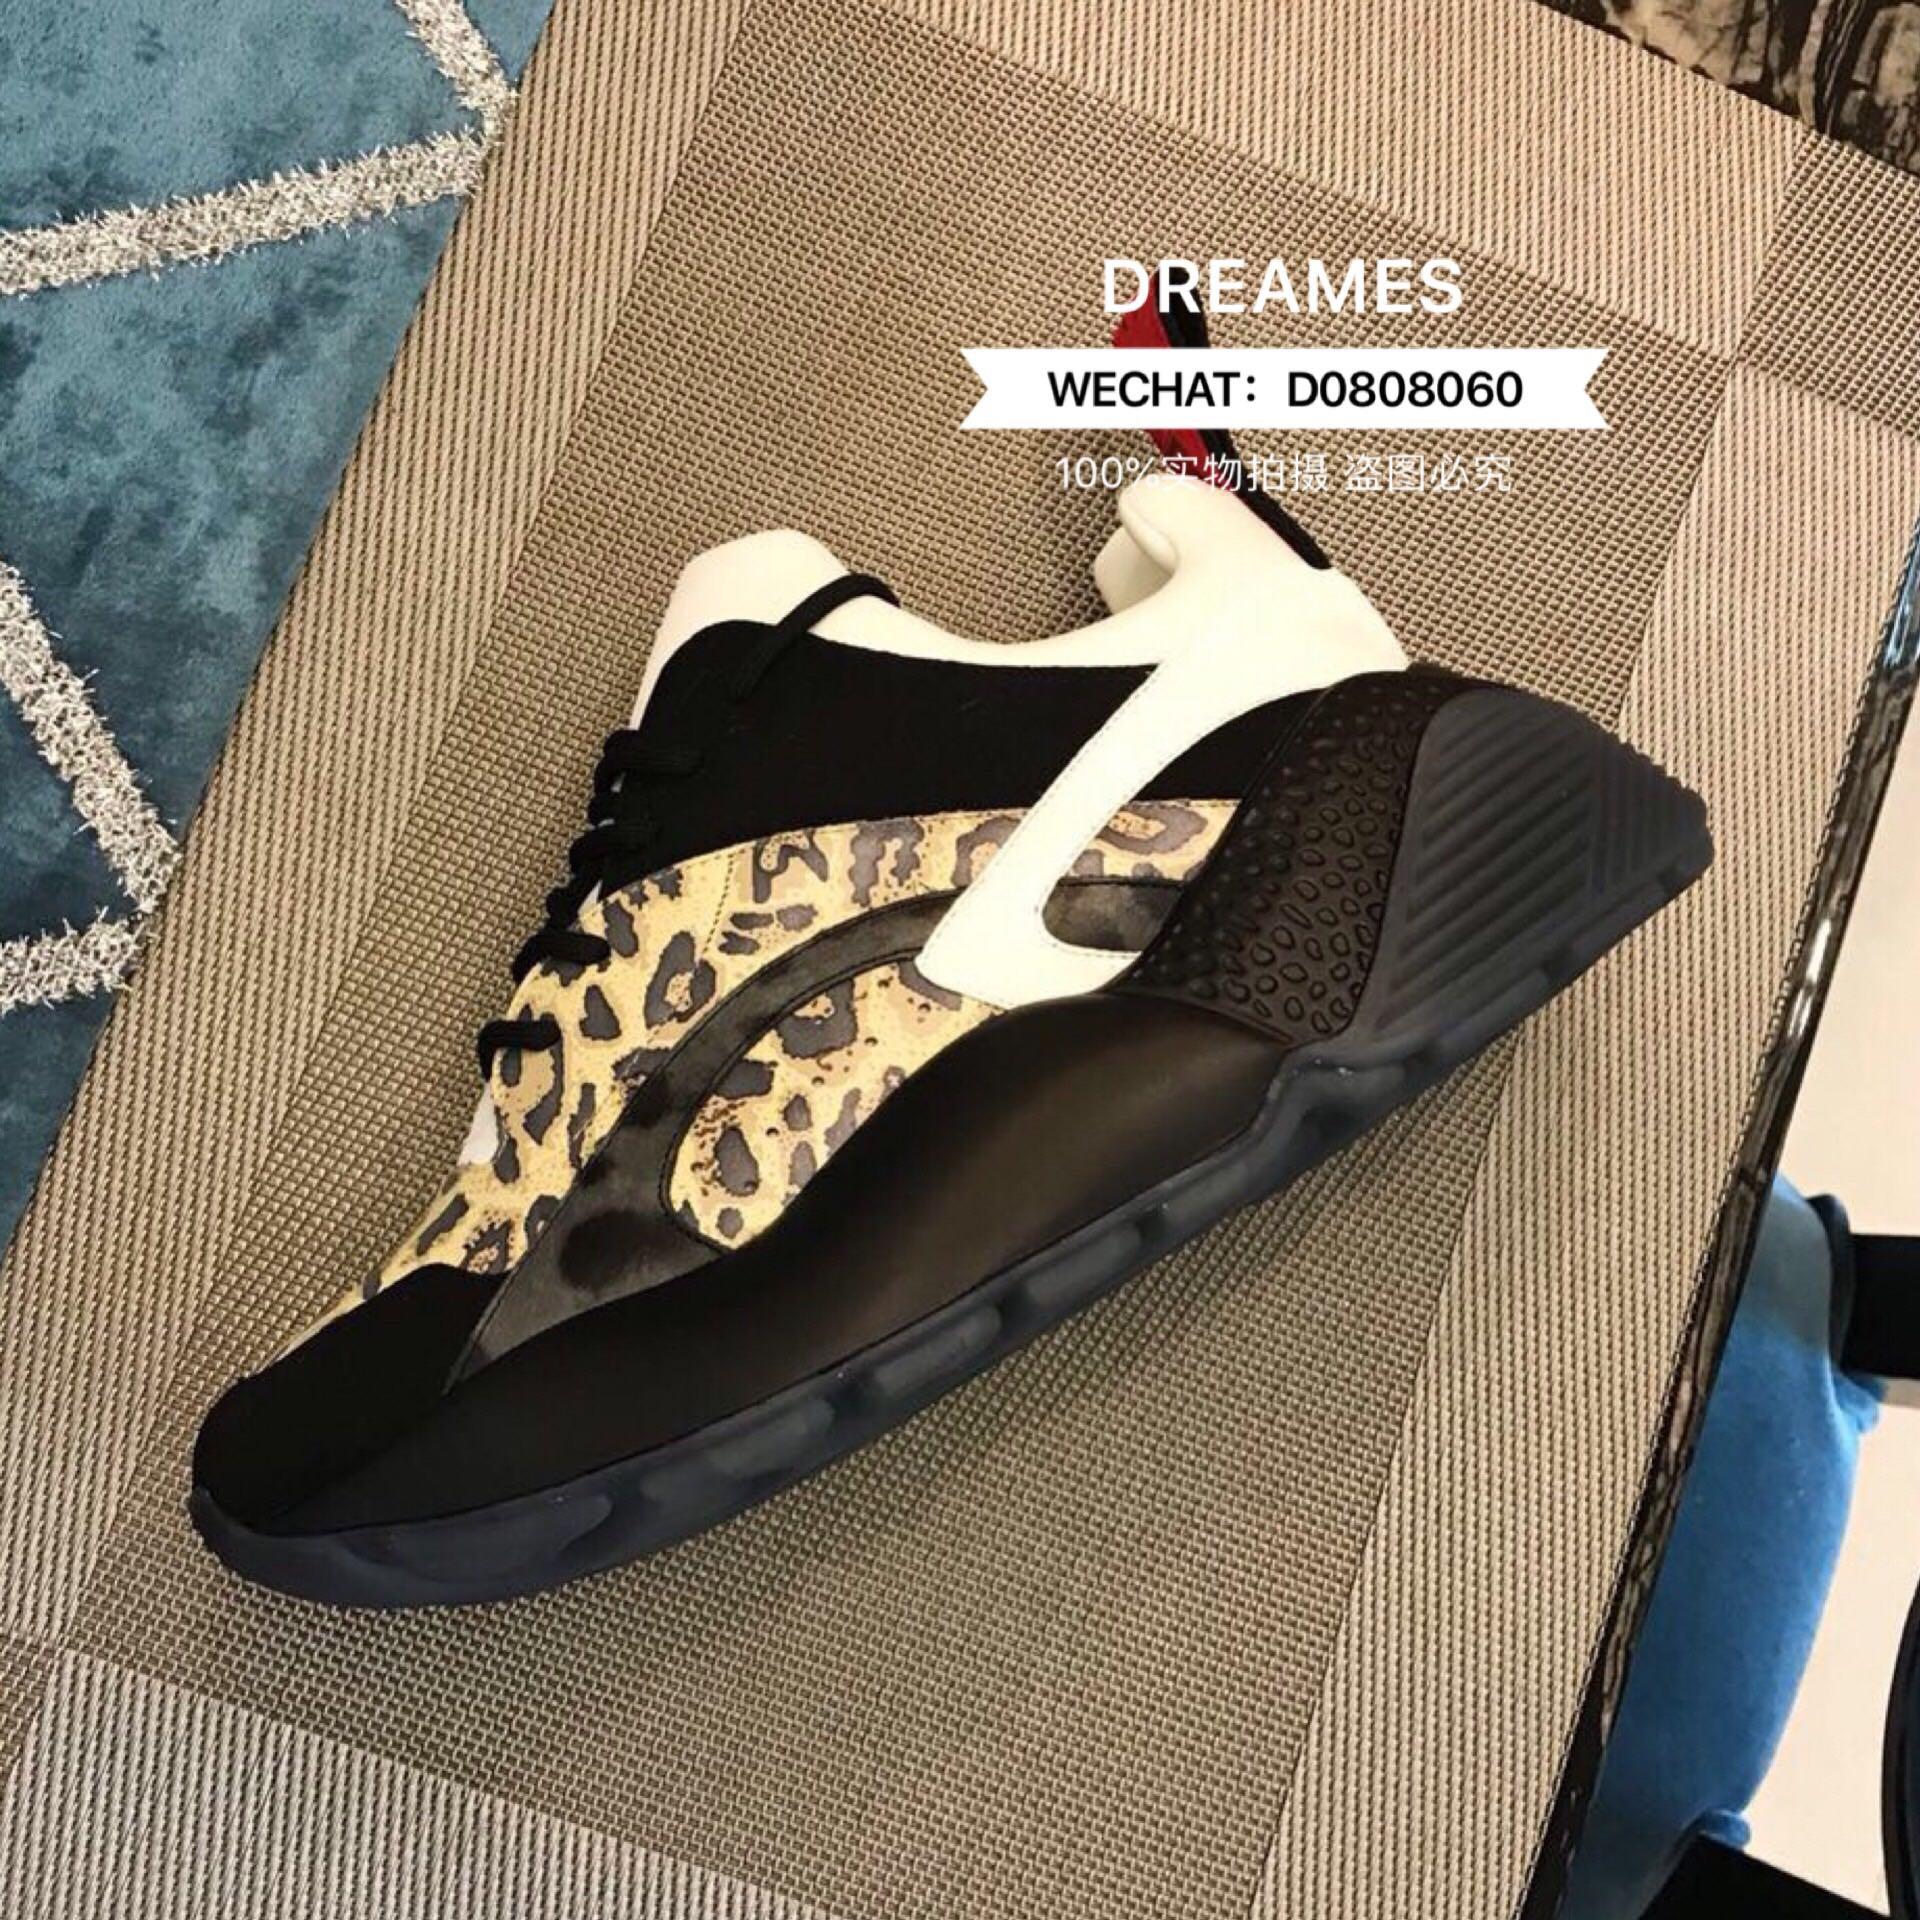 INS ветер 2019 новая весна и лето мода обувь женский подошва кружево мелочь обувной спортивной обуви леопард сливки 579859669982